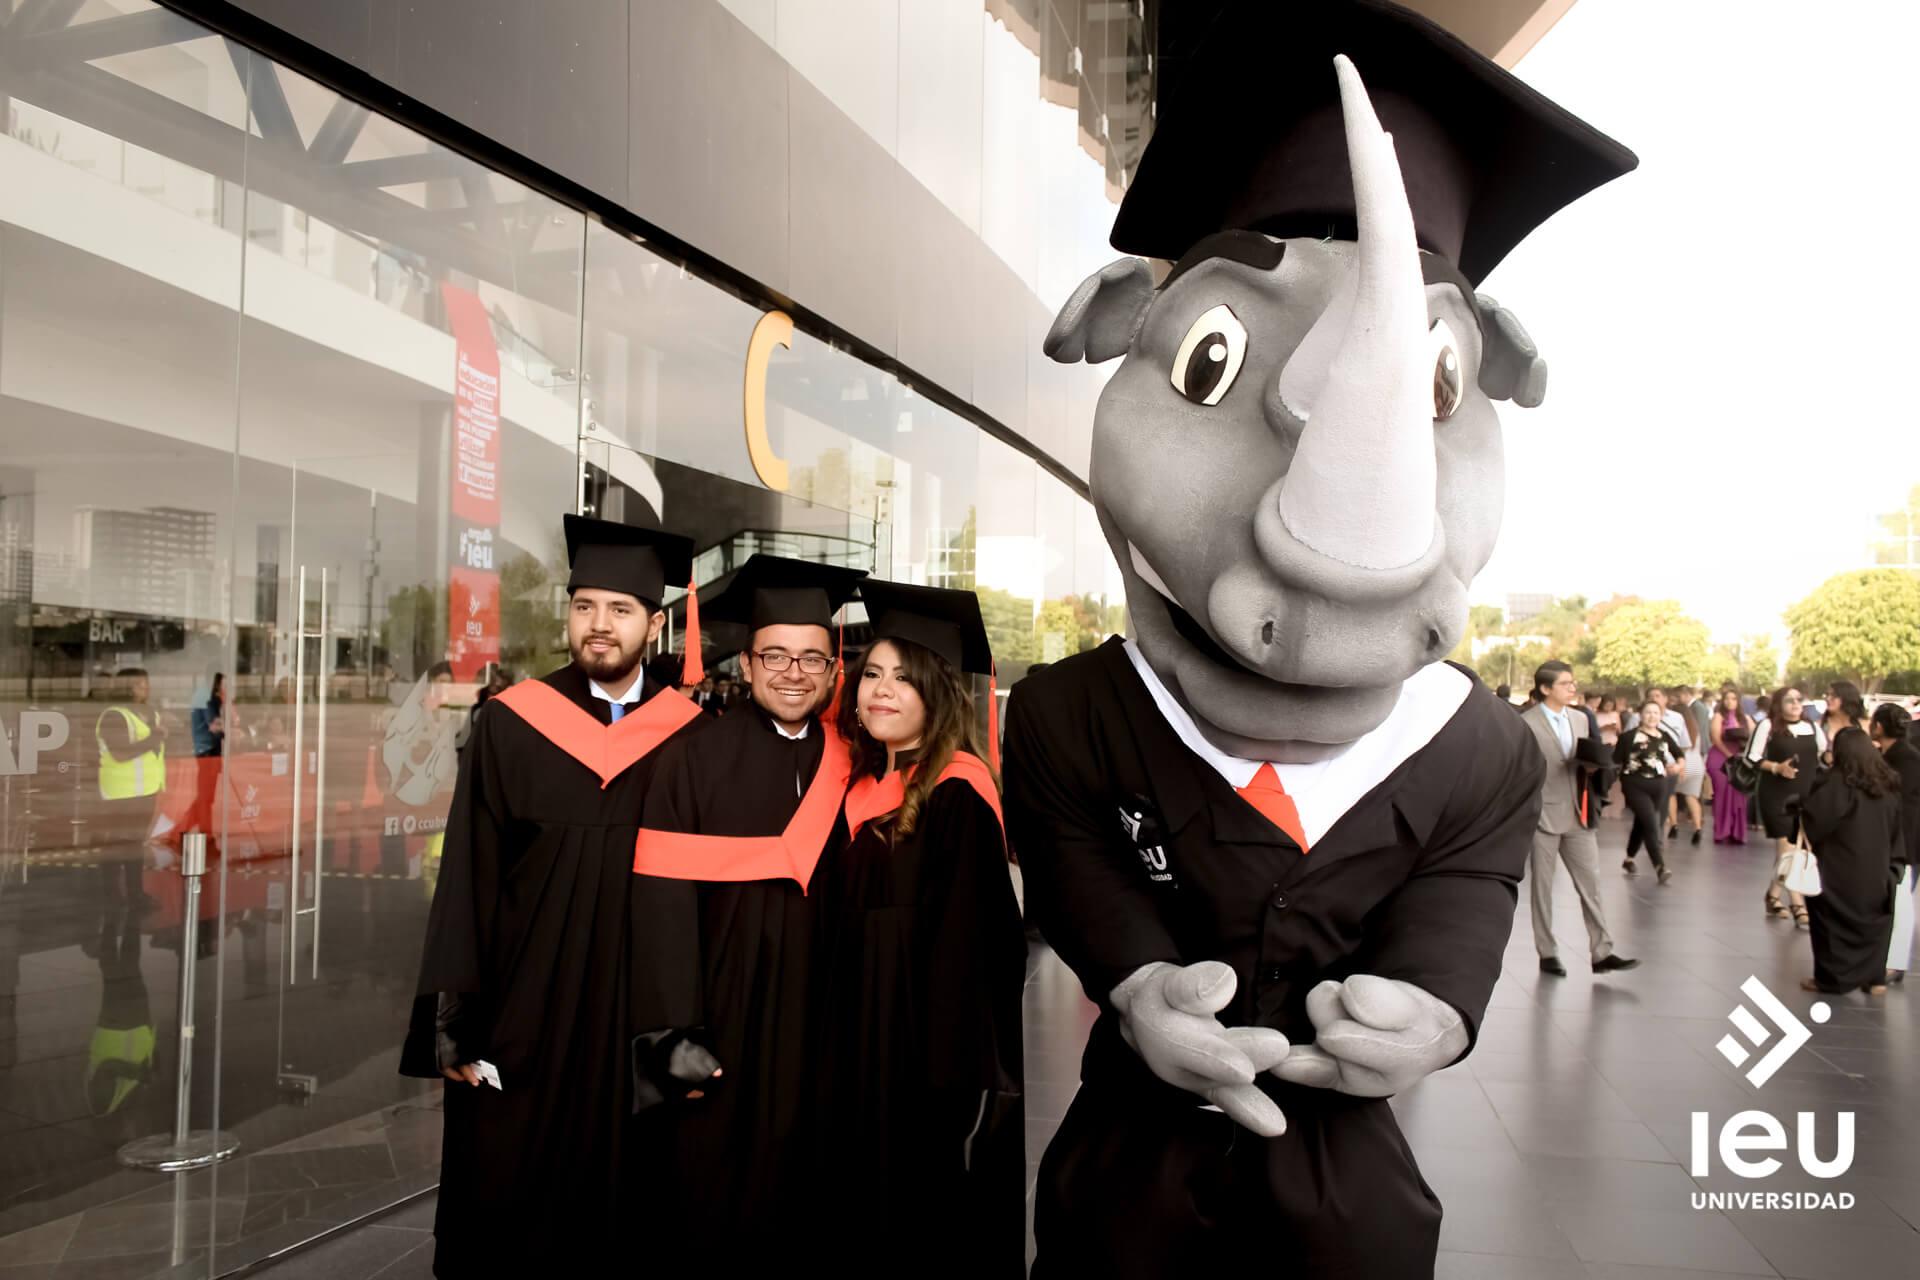 Universidad Ieu Graduacion 2019 2